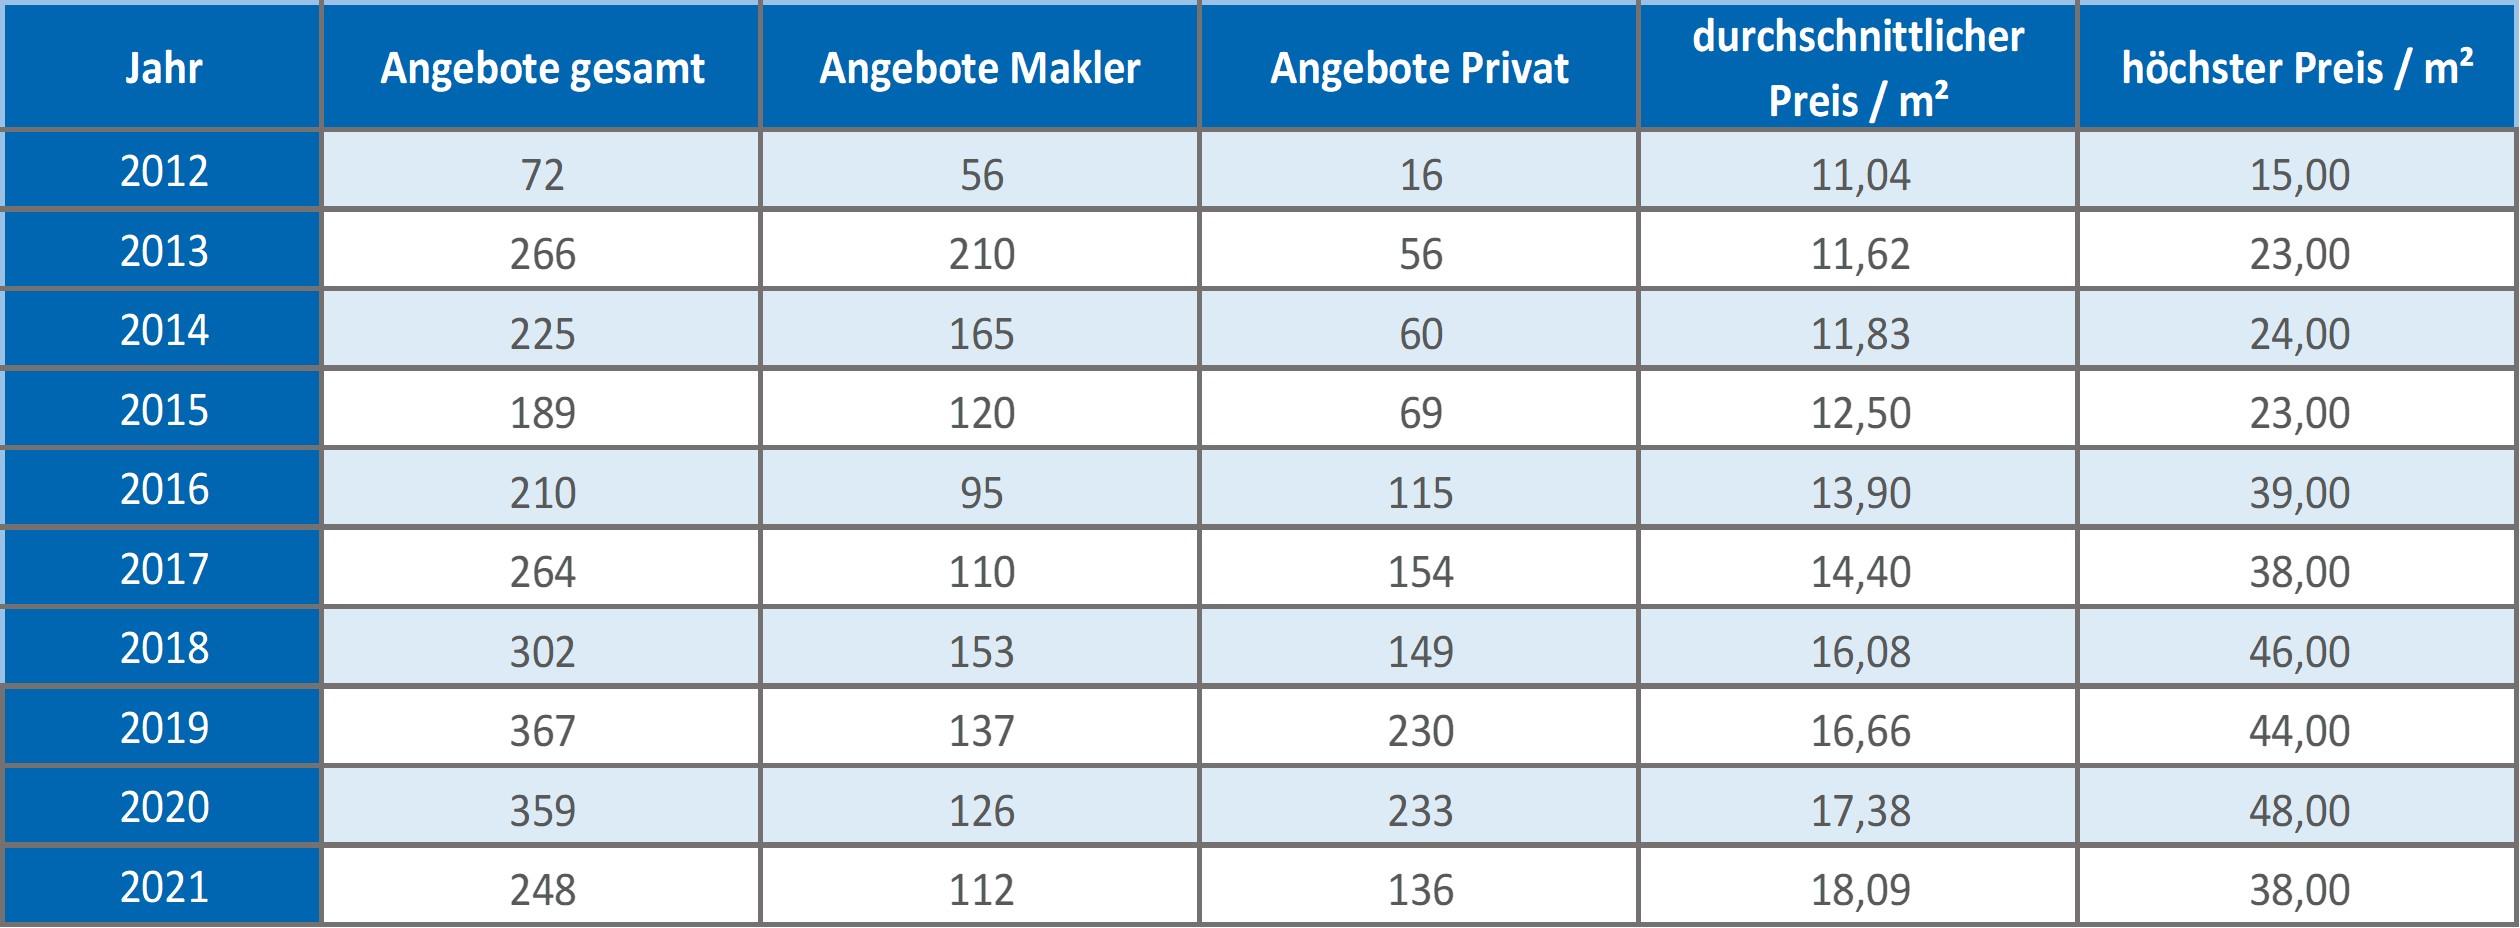 Ismaning Wohnung mieten vermieten Preis Bewertung Makler www.happy-immo.de 2019 2020 2021